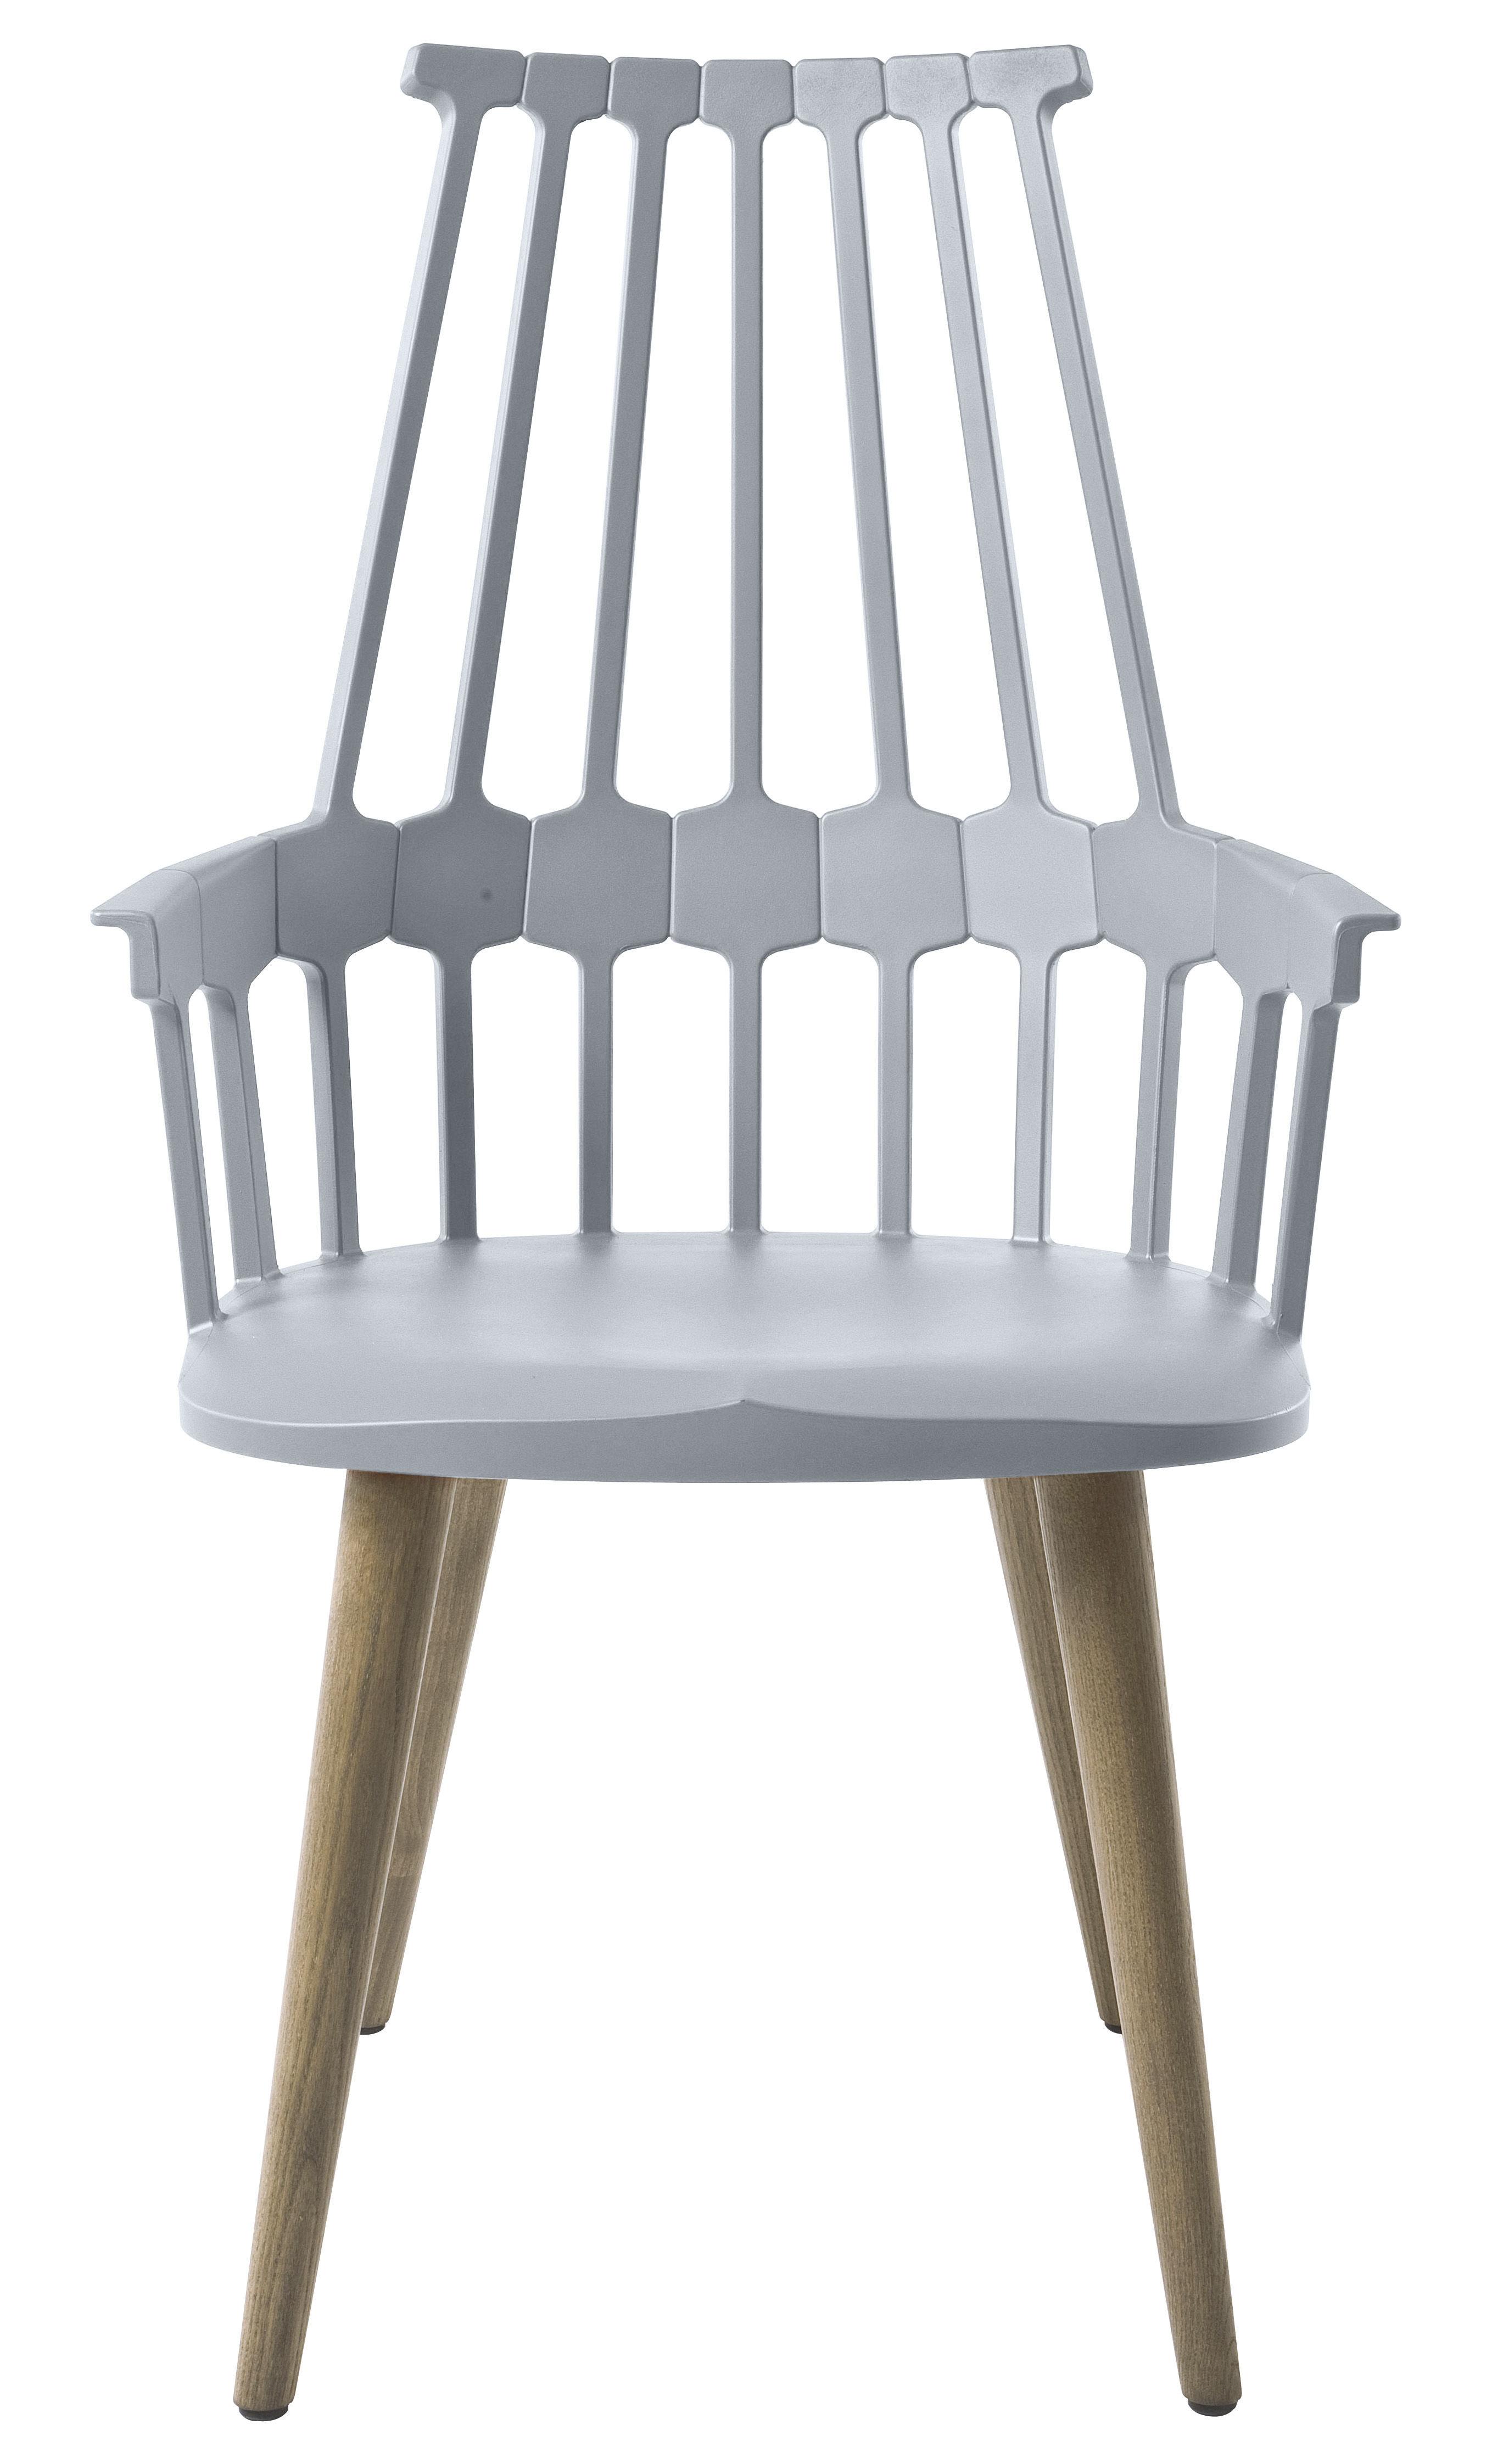 Mobilier - Fauteuil Comback / Polycarbonate & pieds bois - Kartell - Bleu ciel / Pieds chêne - Frêne, Polycarbonate